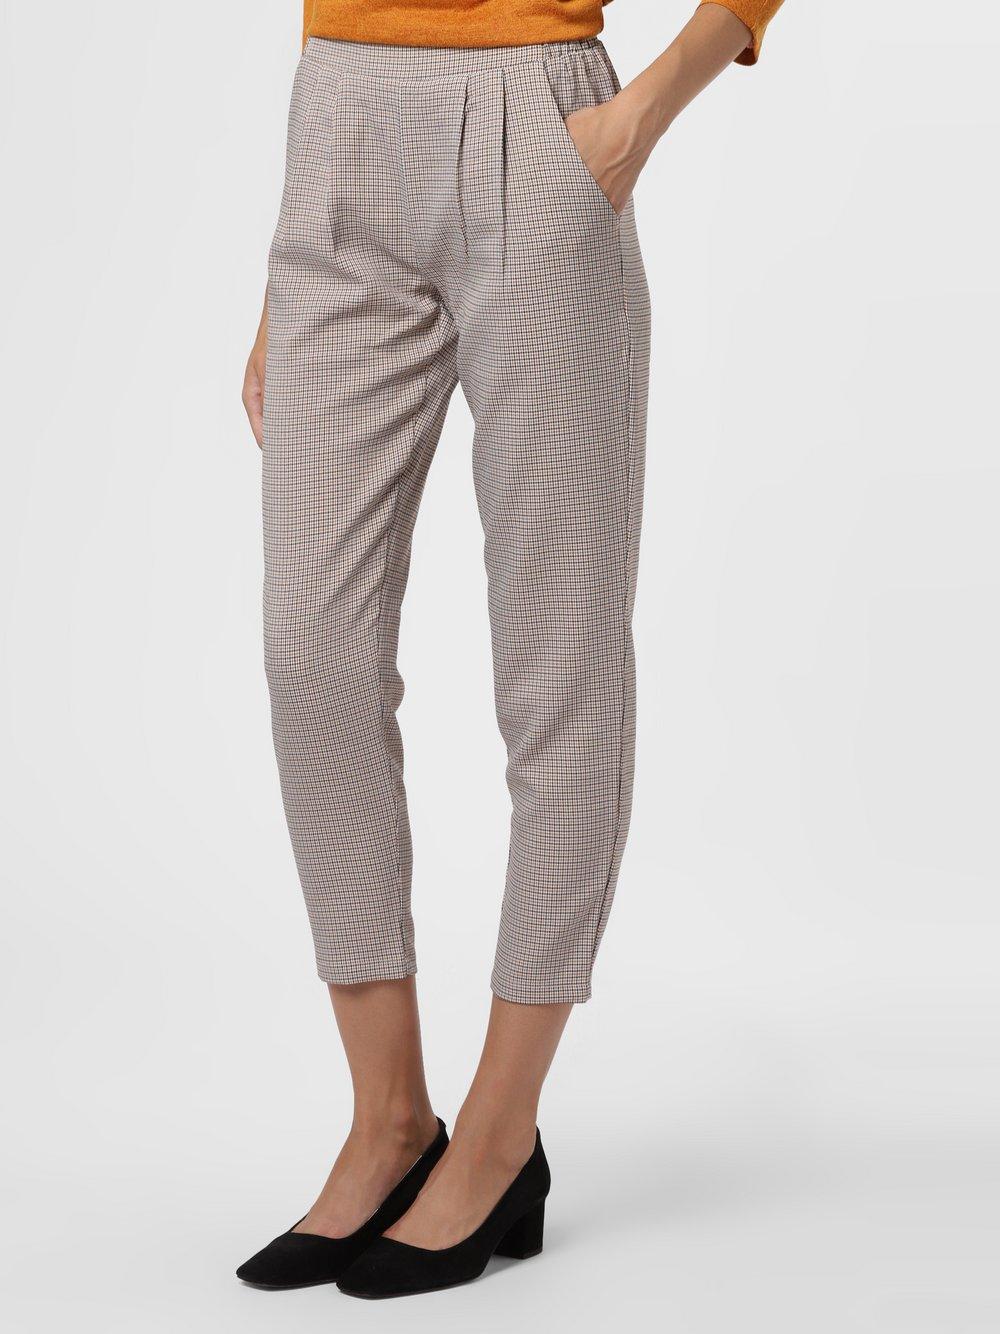 Minimum – Spodnie damskie – Sofja, czarny Van Graaf 484374-0001-00400